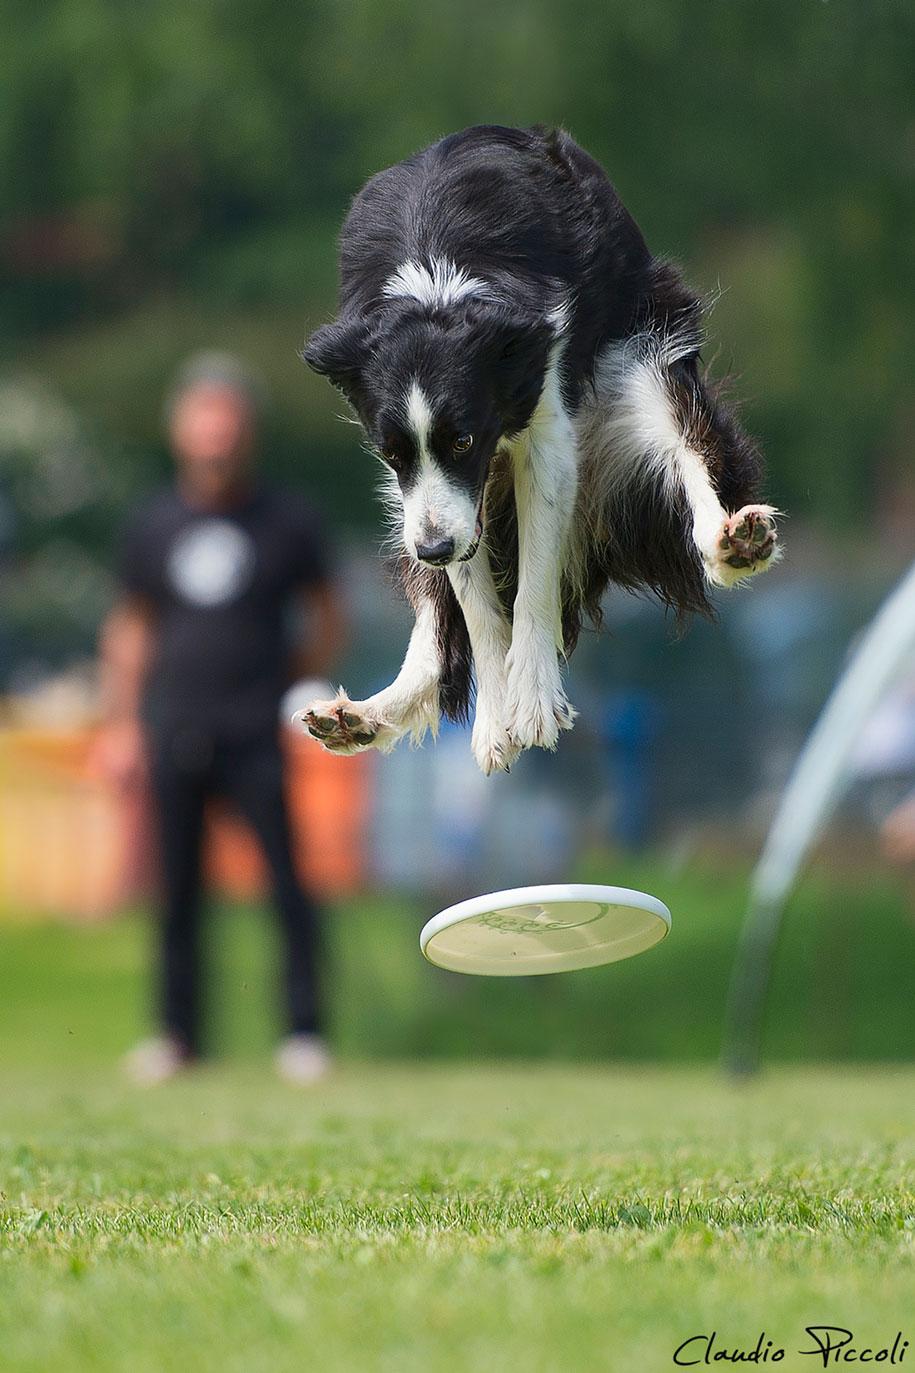 fotografia-cani-che-volano-frisbee-claudio-piccoli-03